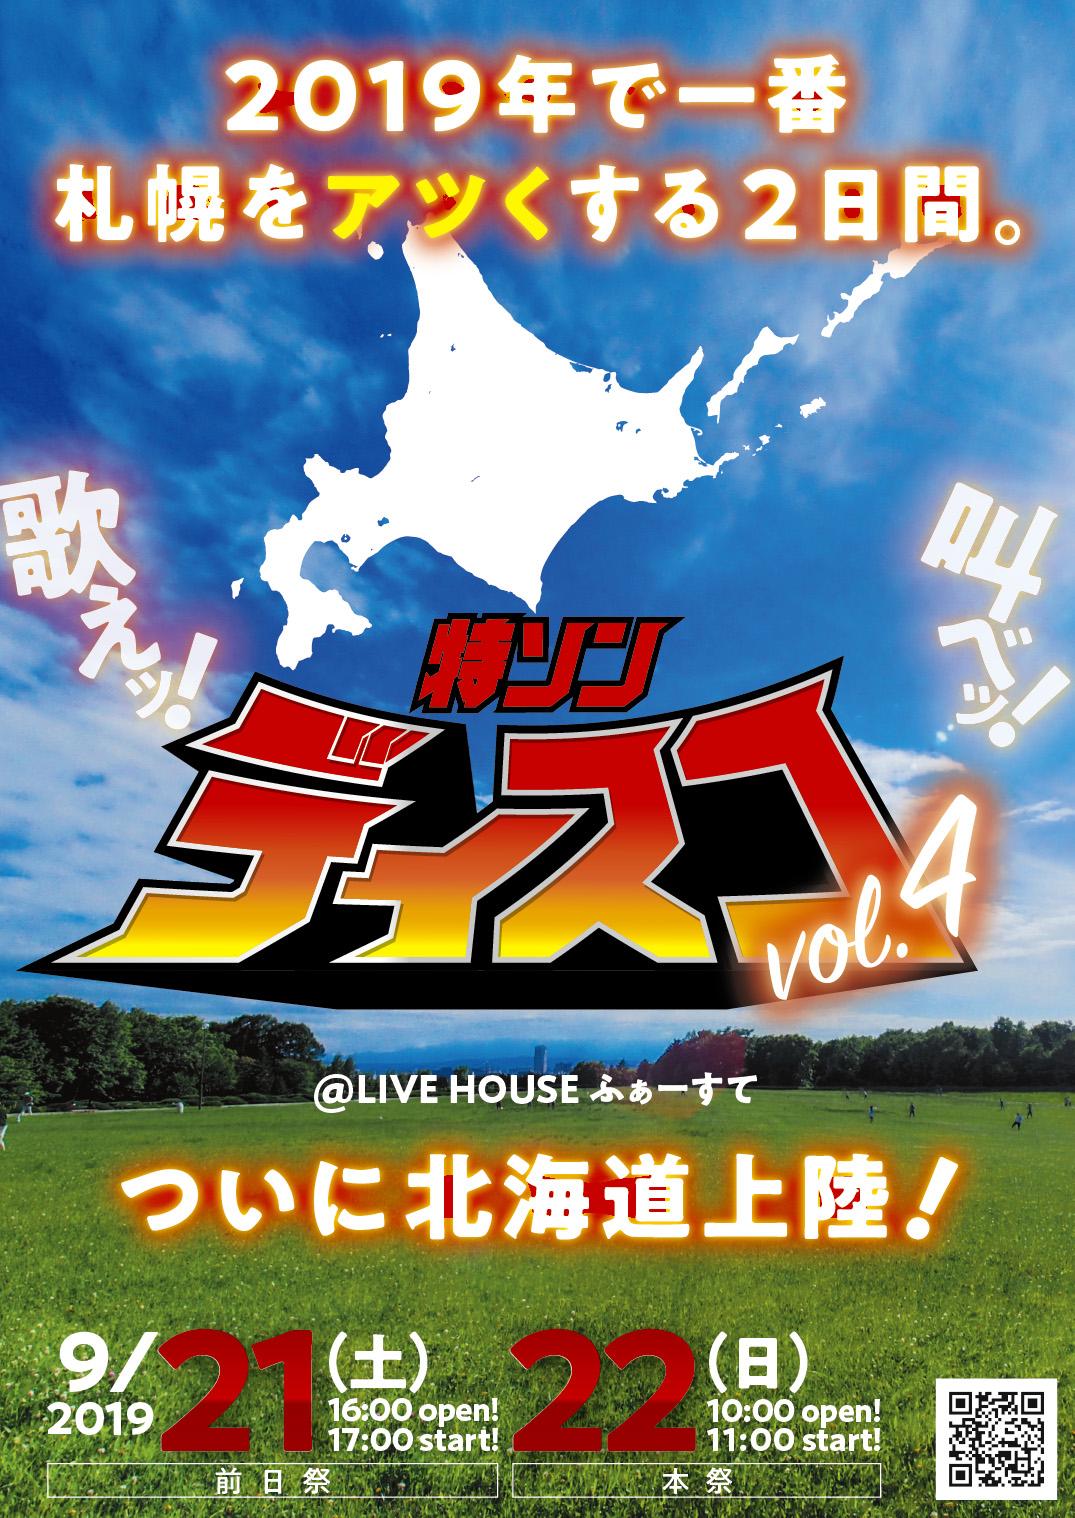 9/21.22 特ソンディスコVol.4 札幌『ふぁーすて』一般販売